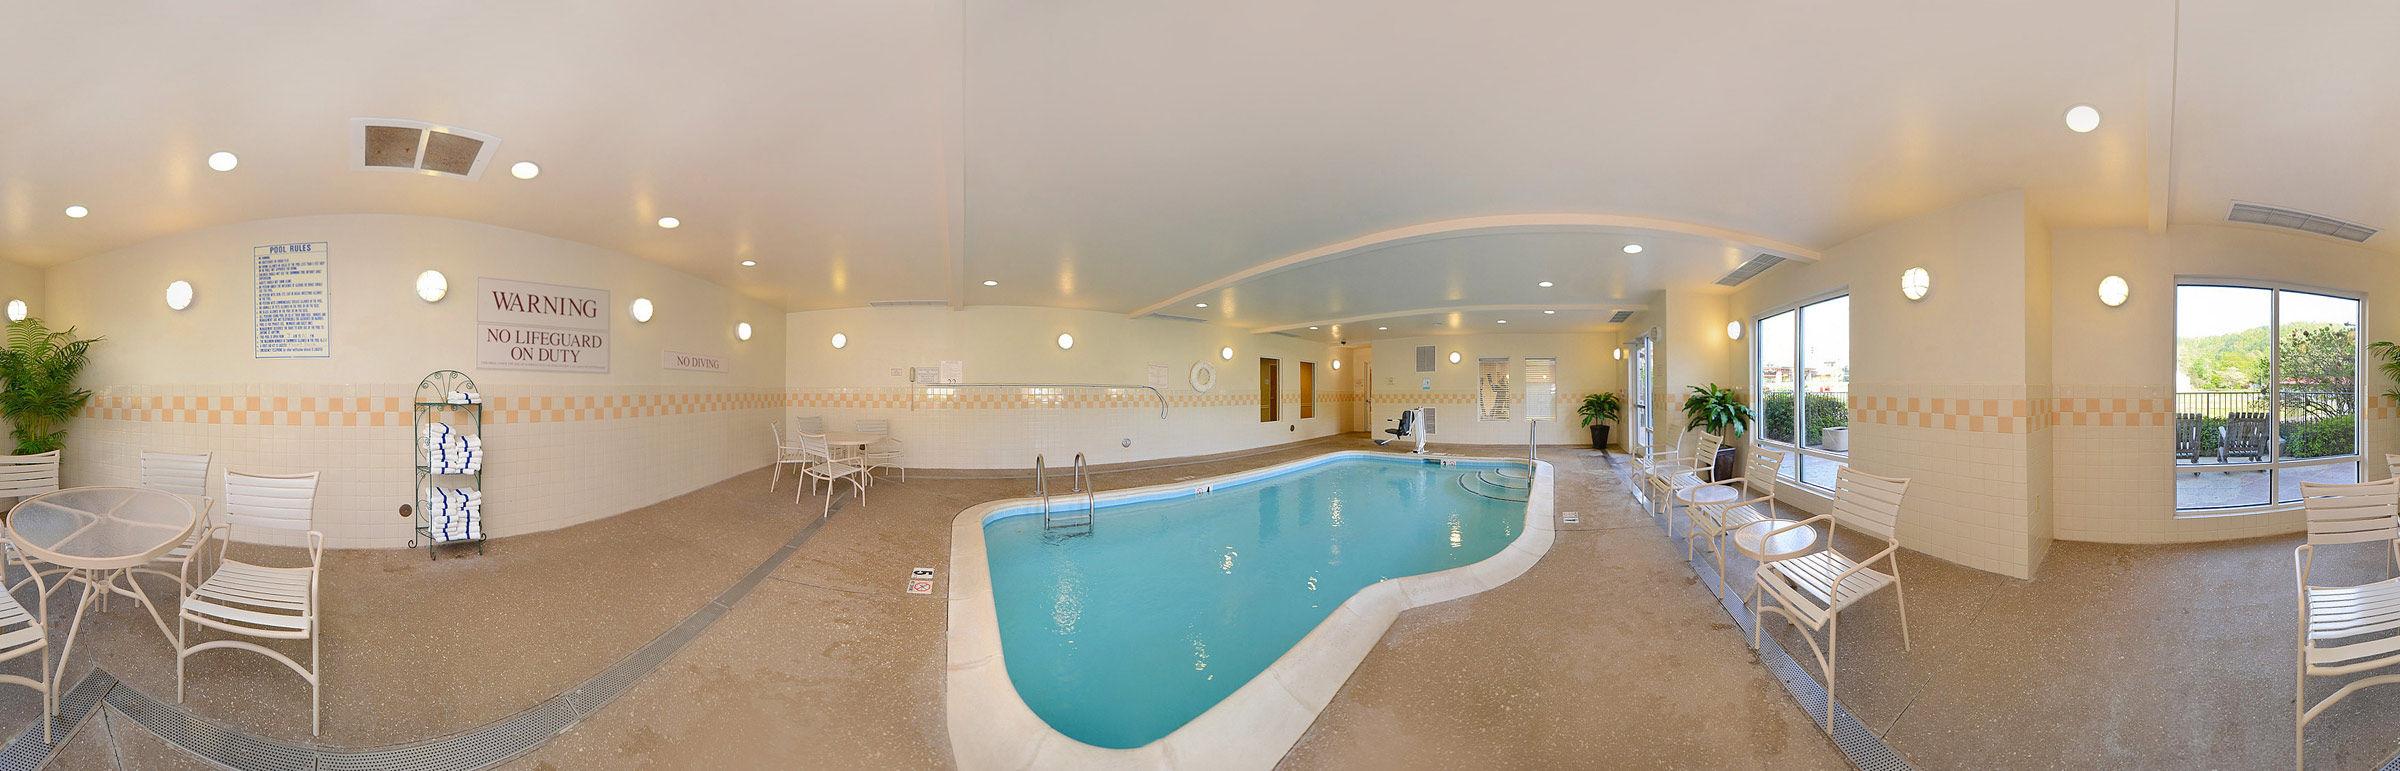 Fairfield Inn & Suites by Marriott Cherokee image 6